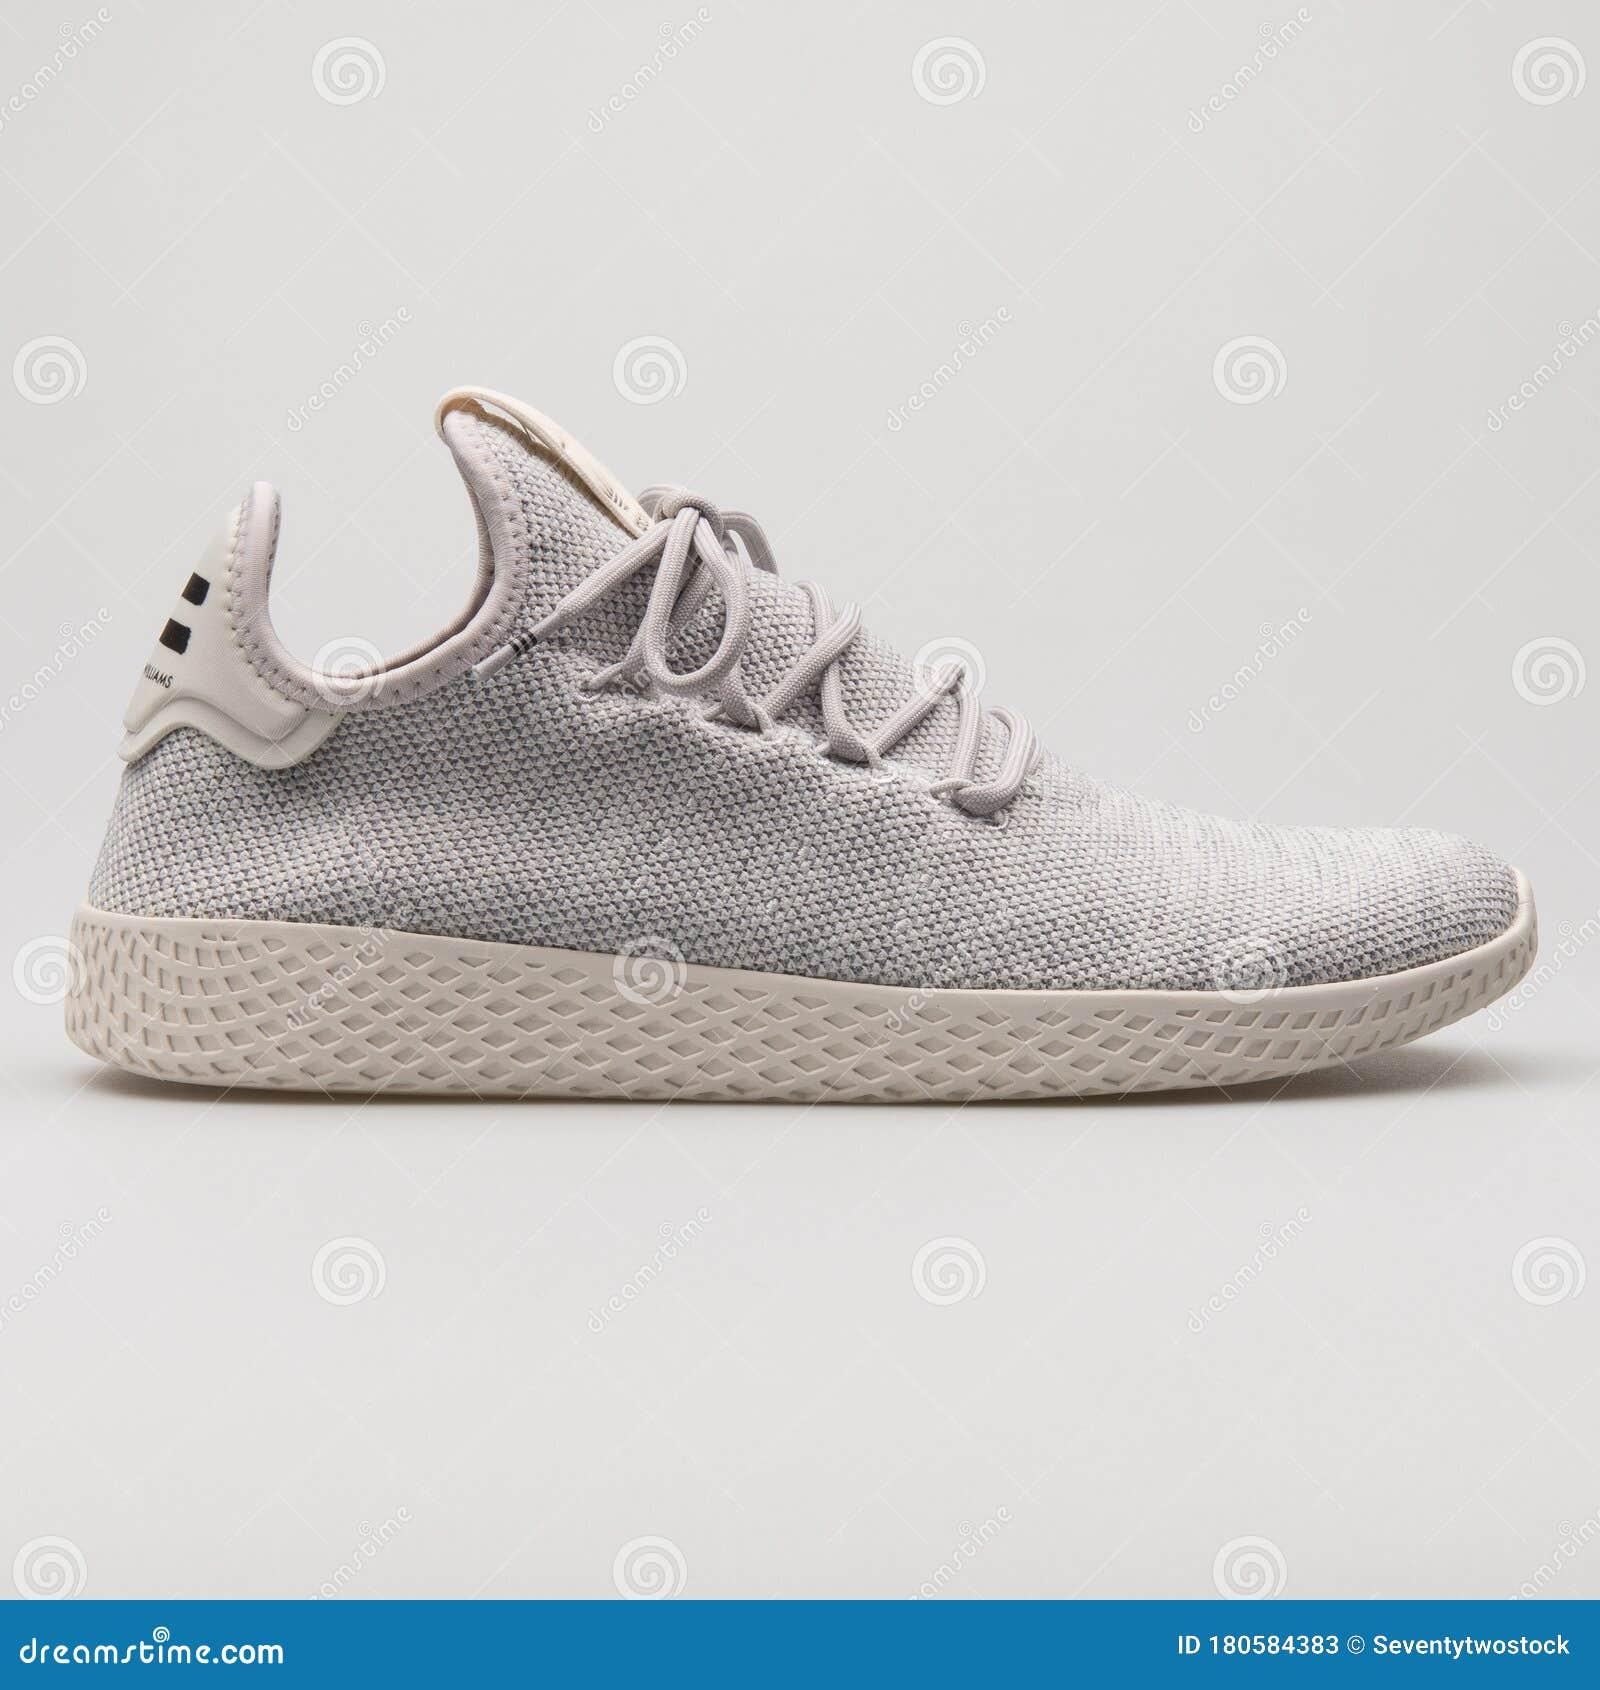 galope Abstracción distorsionar  Adidas PW Tennis HU Grey Sneaker Editorial Stock Photo - Image of adidas,  accessories: 180584383